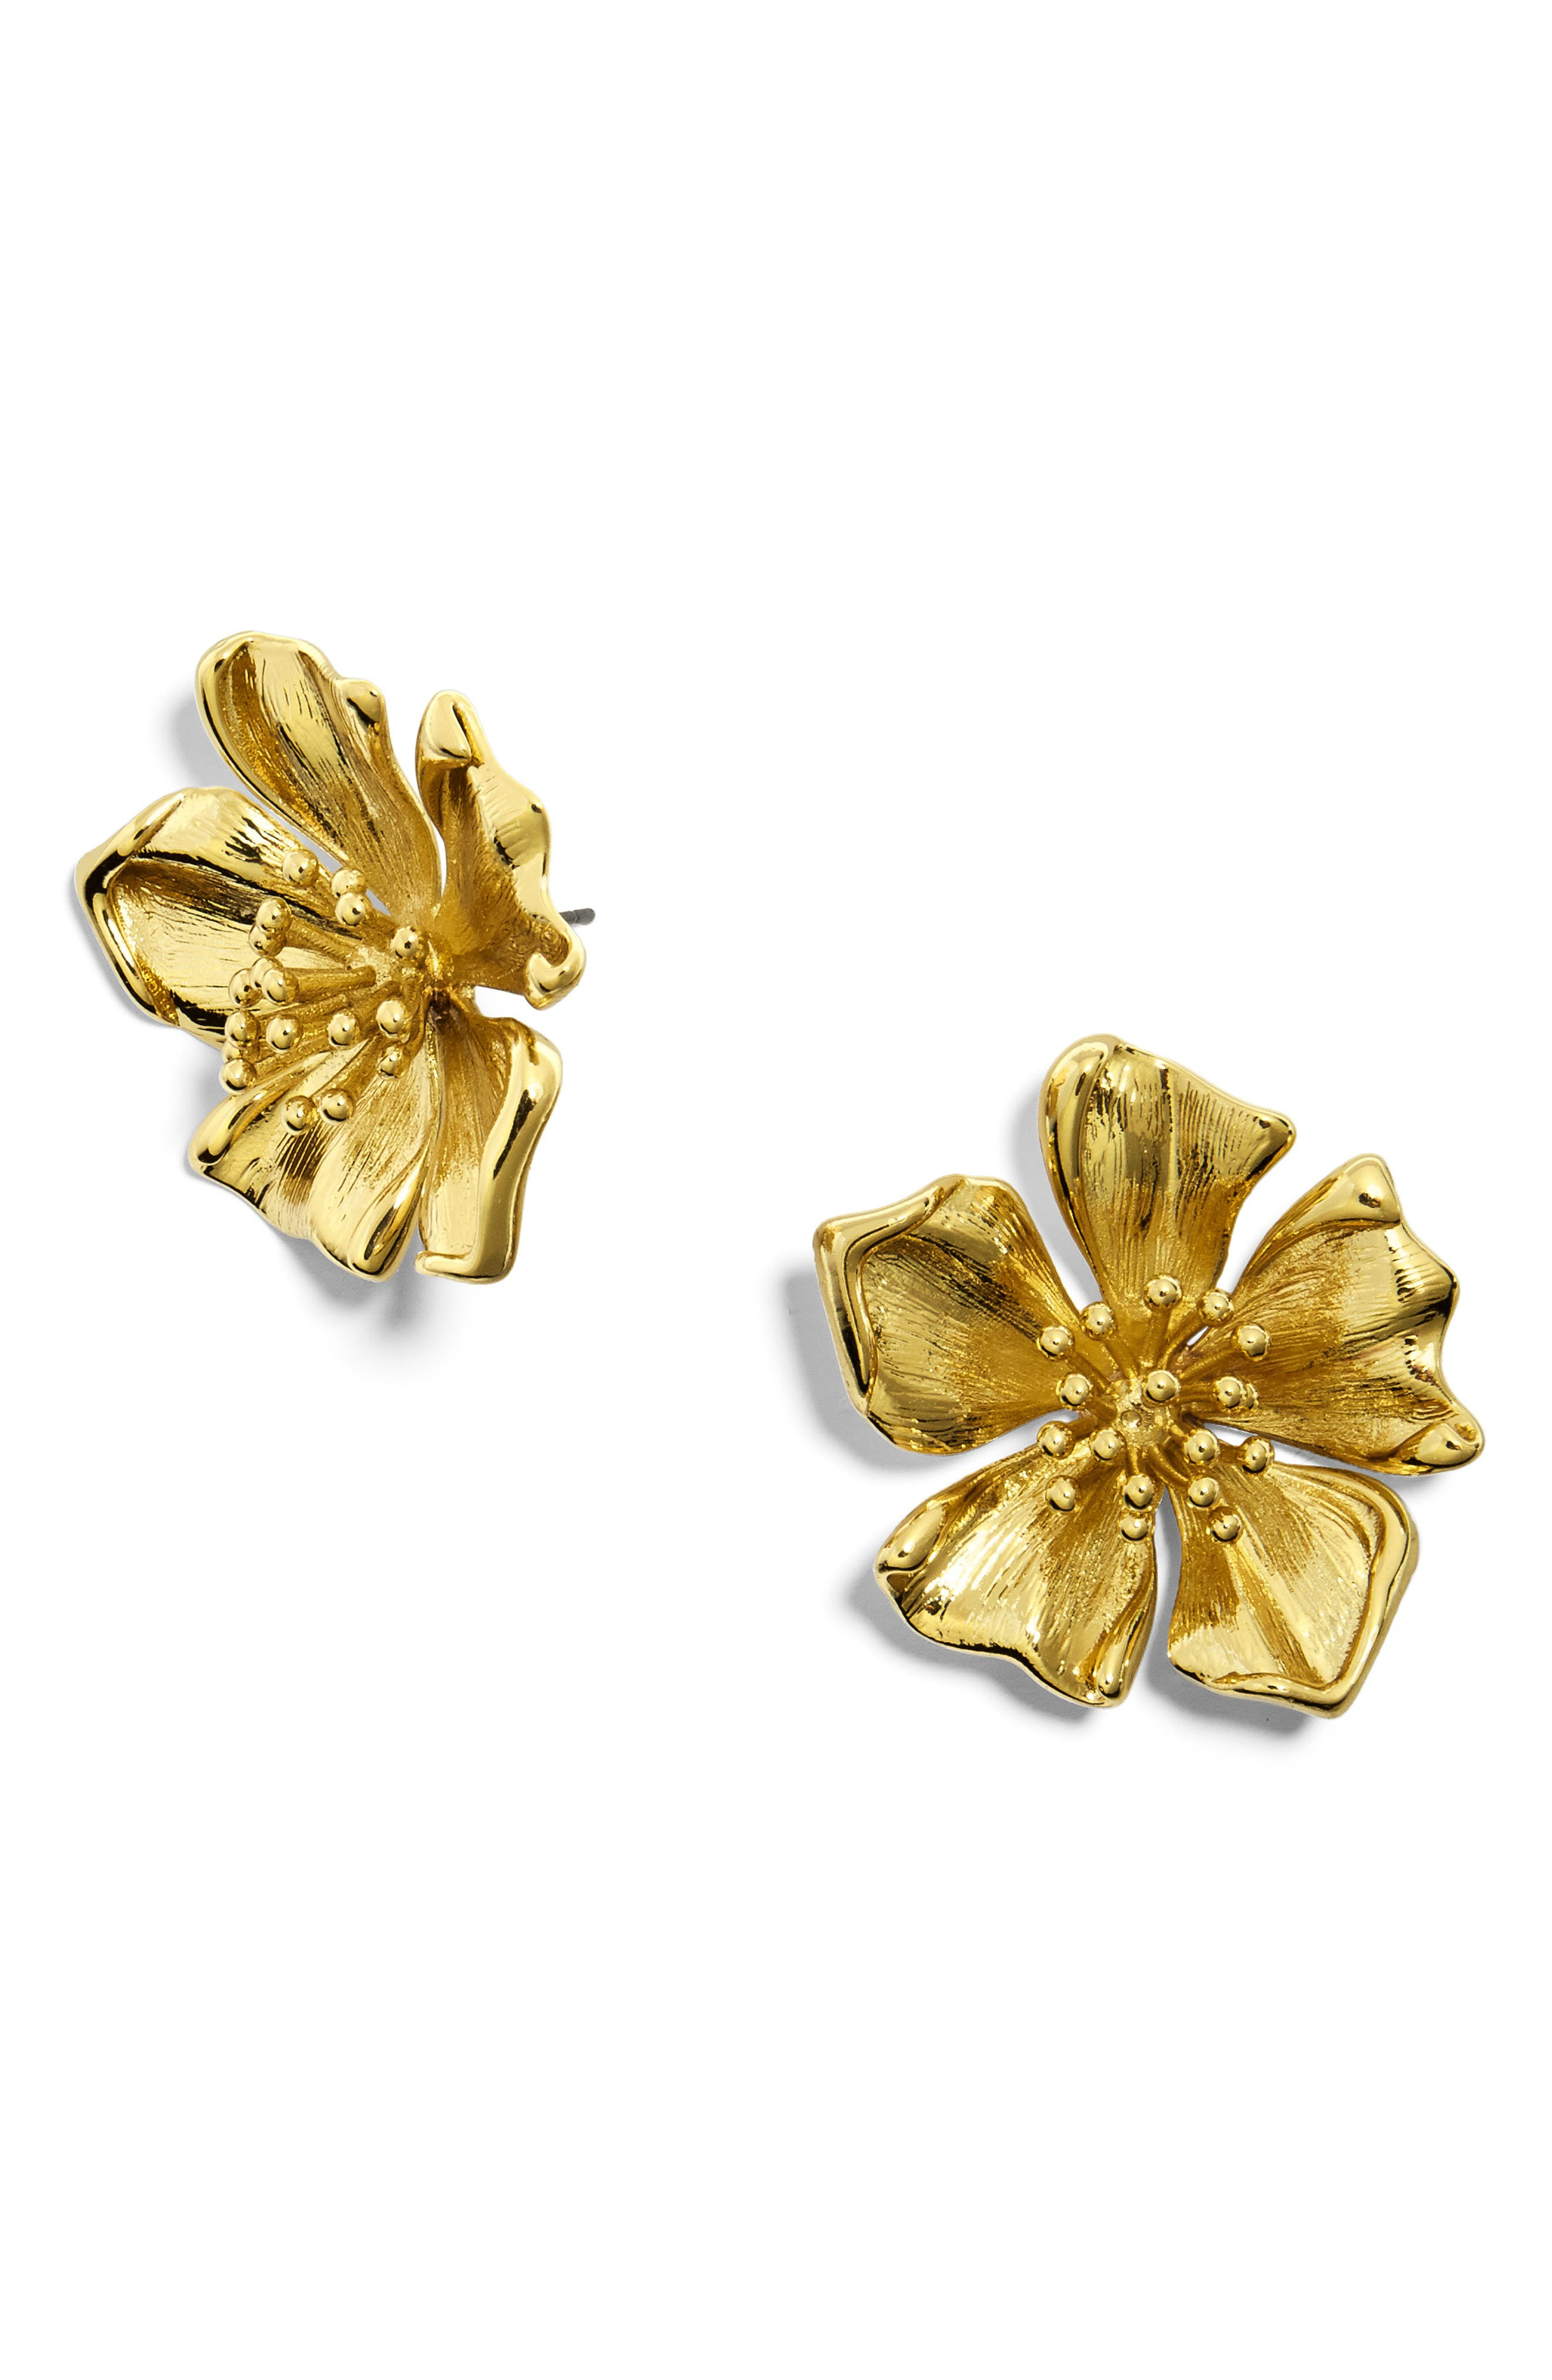 Azalea Stud Earrings,                             Main thumbnail 1, color,                             GOLD